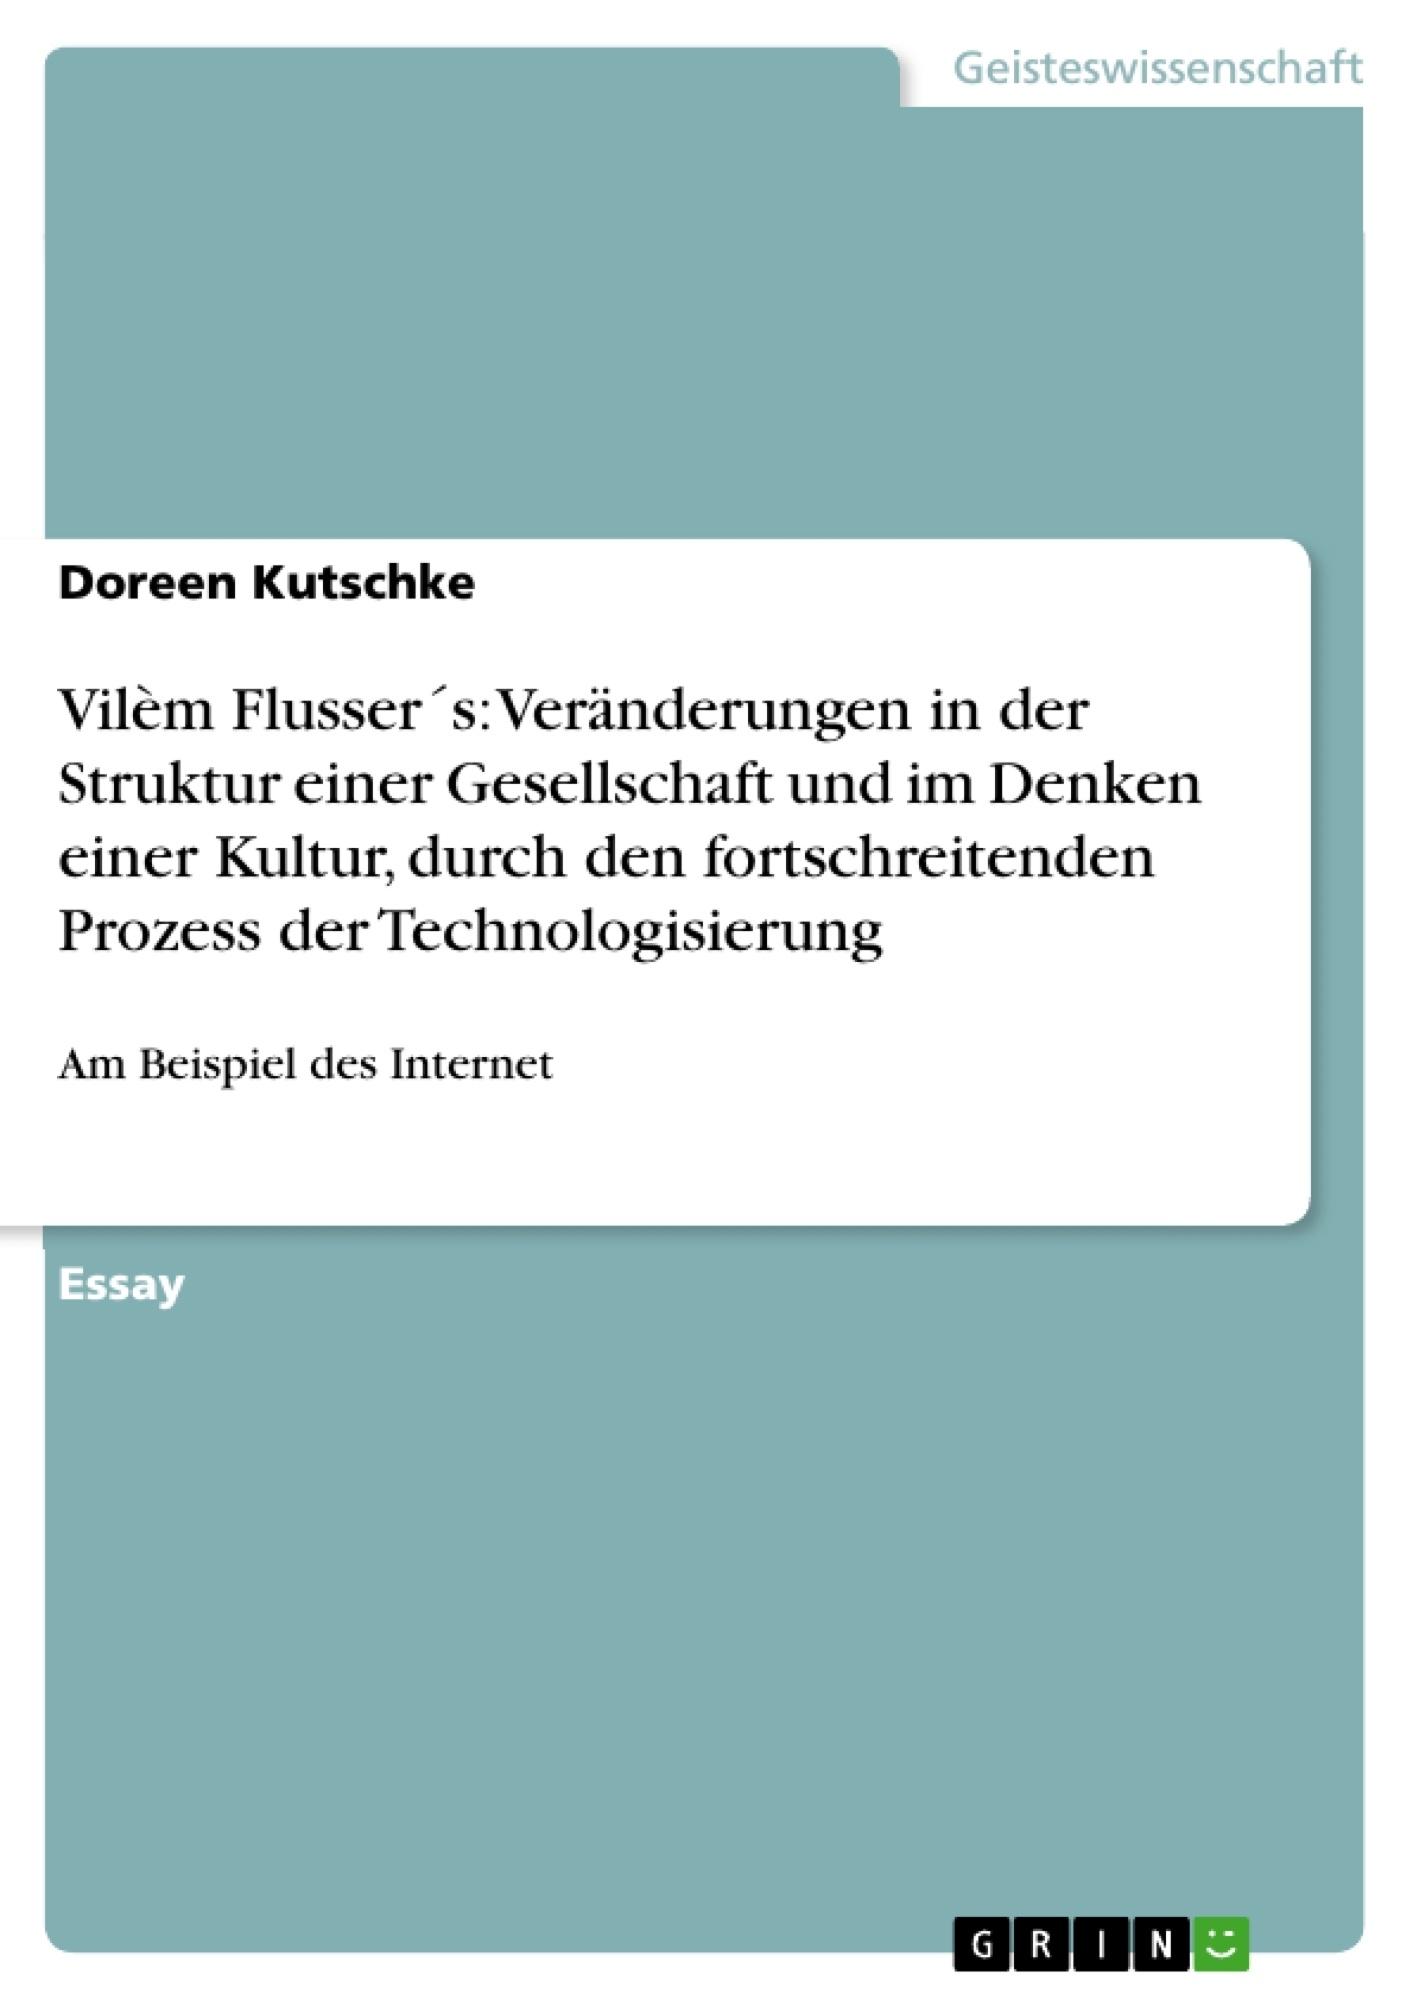 Titel: Vilèm Flusser´s: Veränderungen in der Struktur einer Gesellschaft und im Denken einer Kultur, durch den fortschreitenden Prozess der Technologisierung